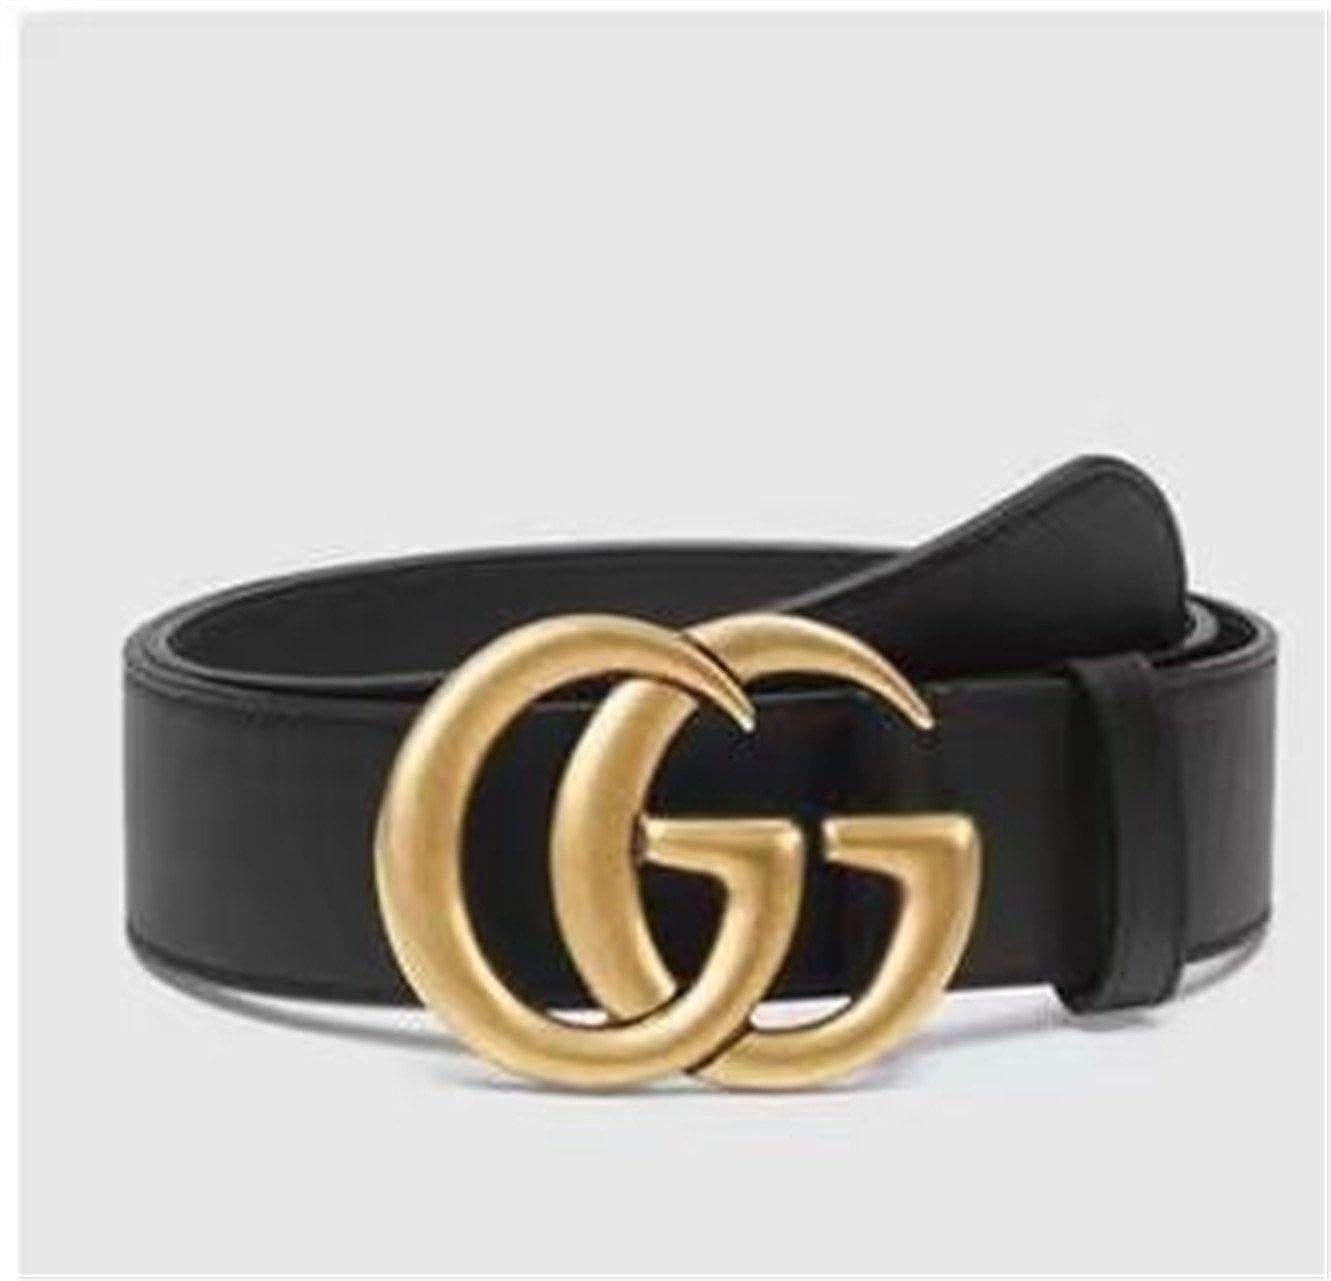 164ef639c4c2 Original authentique boutique de mode double GG or boucle hommes femmes  ceinture (W 1-34